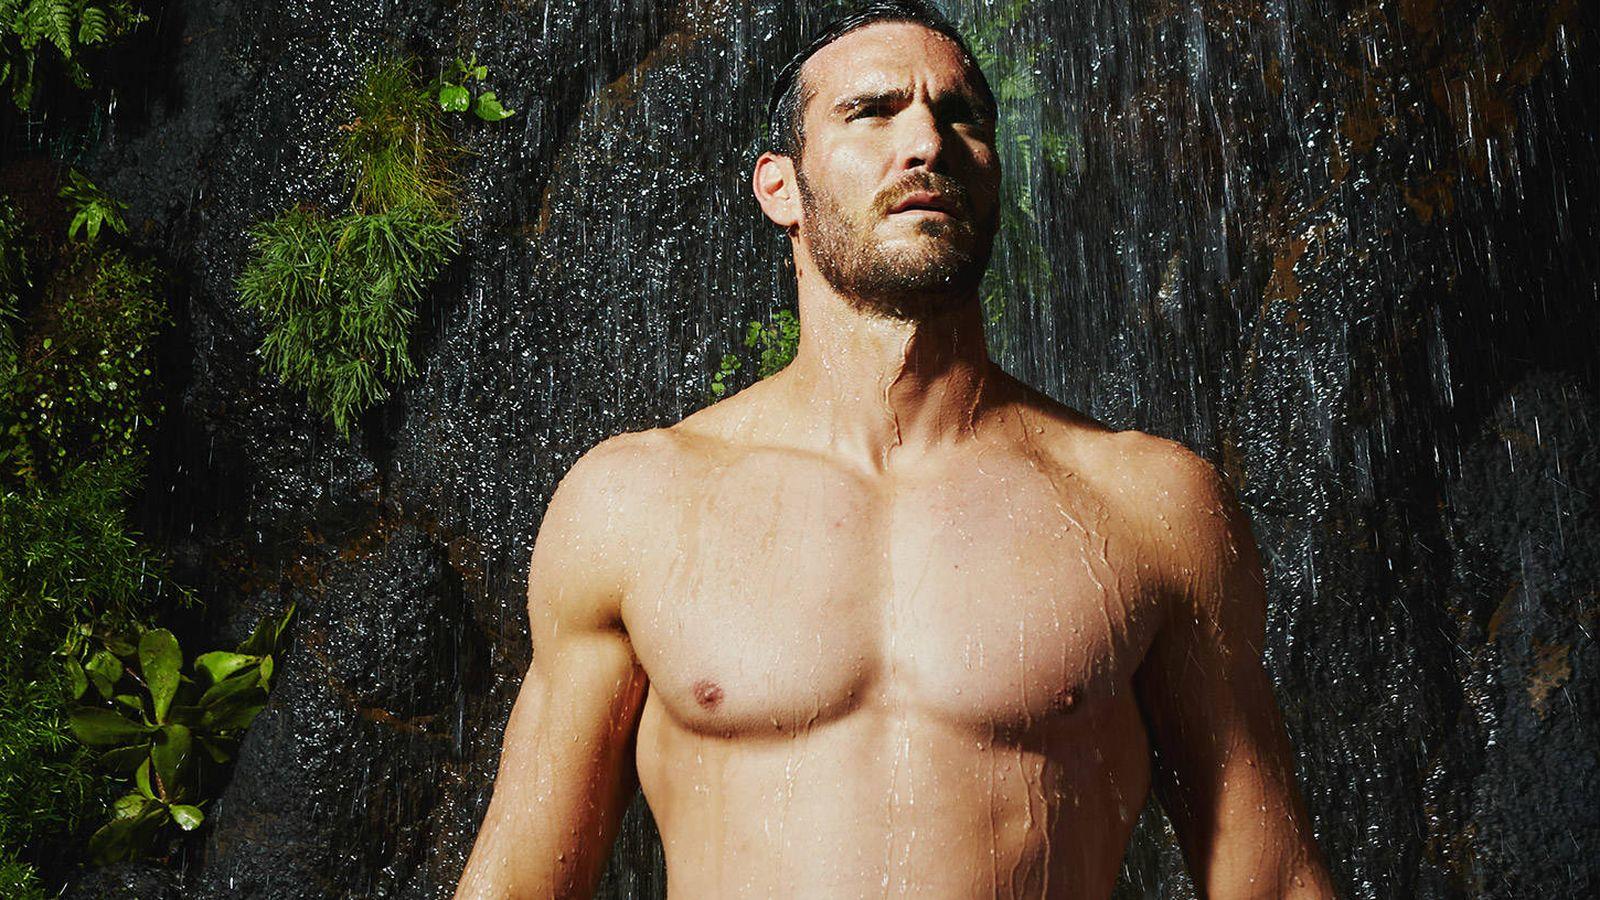 Foto: El piragüista olímpico Saúl Craviotto ha sido la imagen del perfume Agua Fresca Citrus Cedro de Adolfo Domínguez.